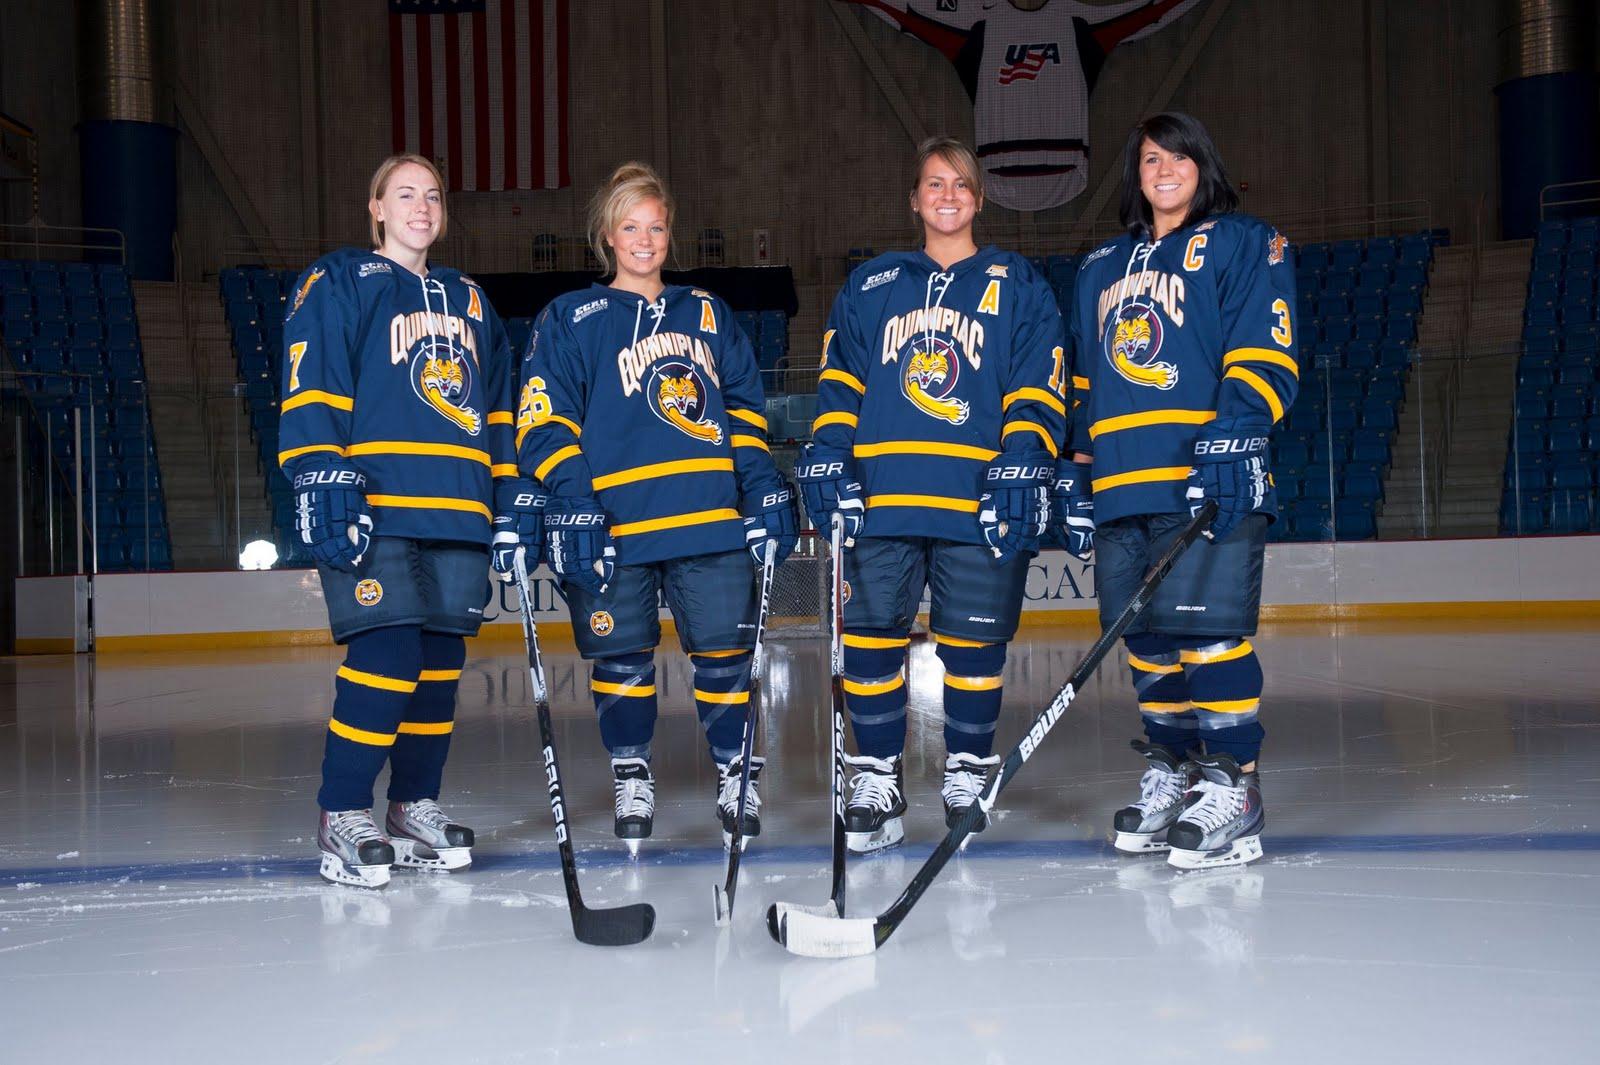 Skating the Dream: Quinnipiac Women's Ice Hockey Photo Gallery